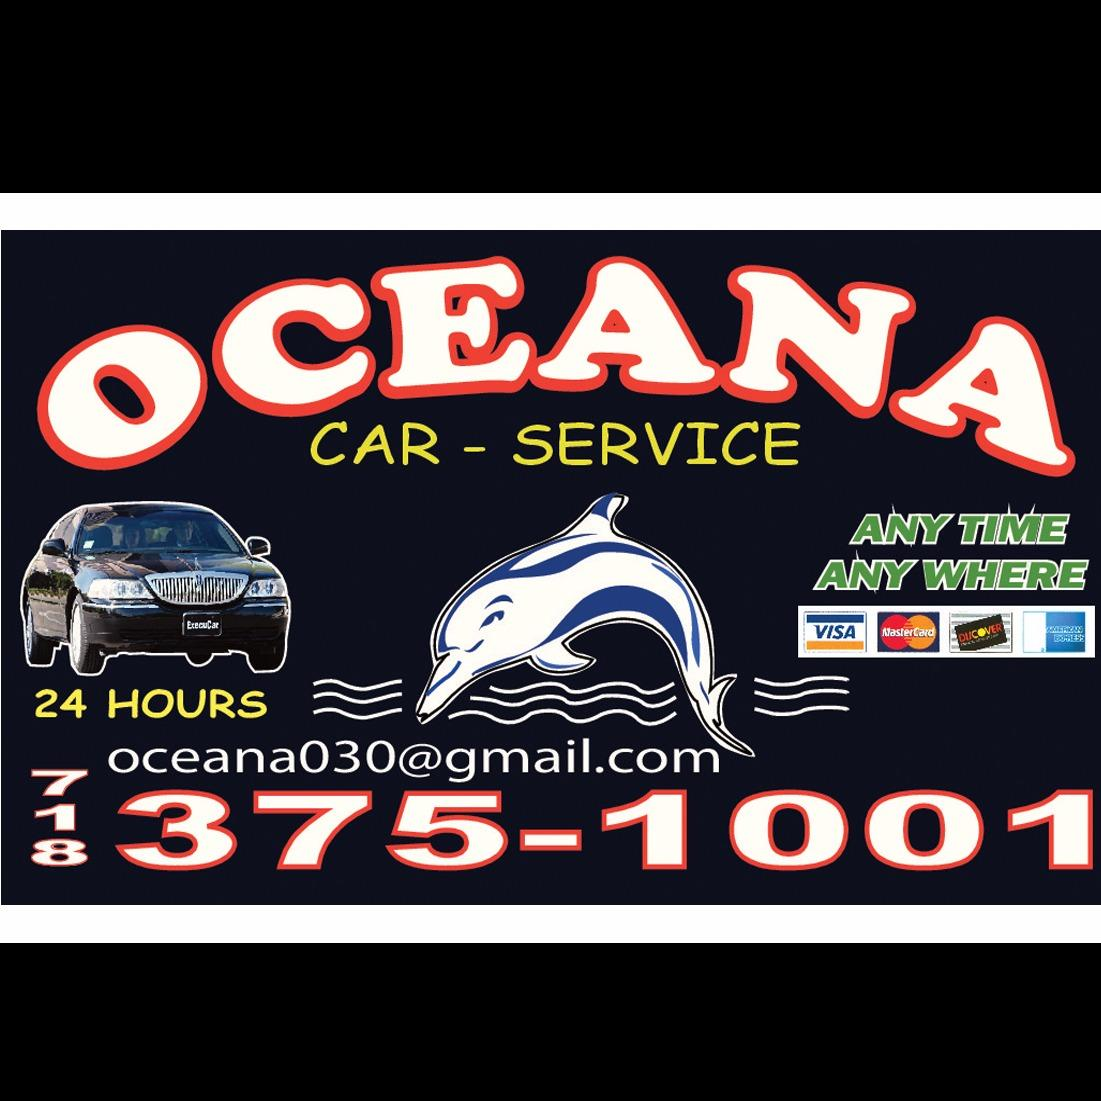 Oceana Car Service Brooklyn